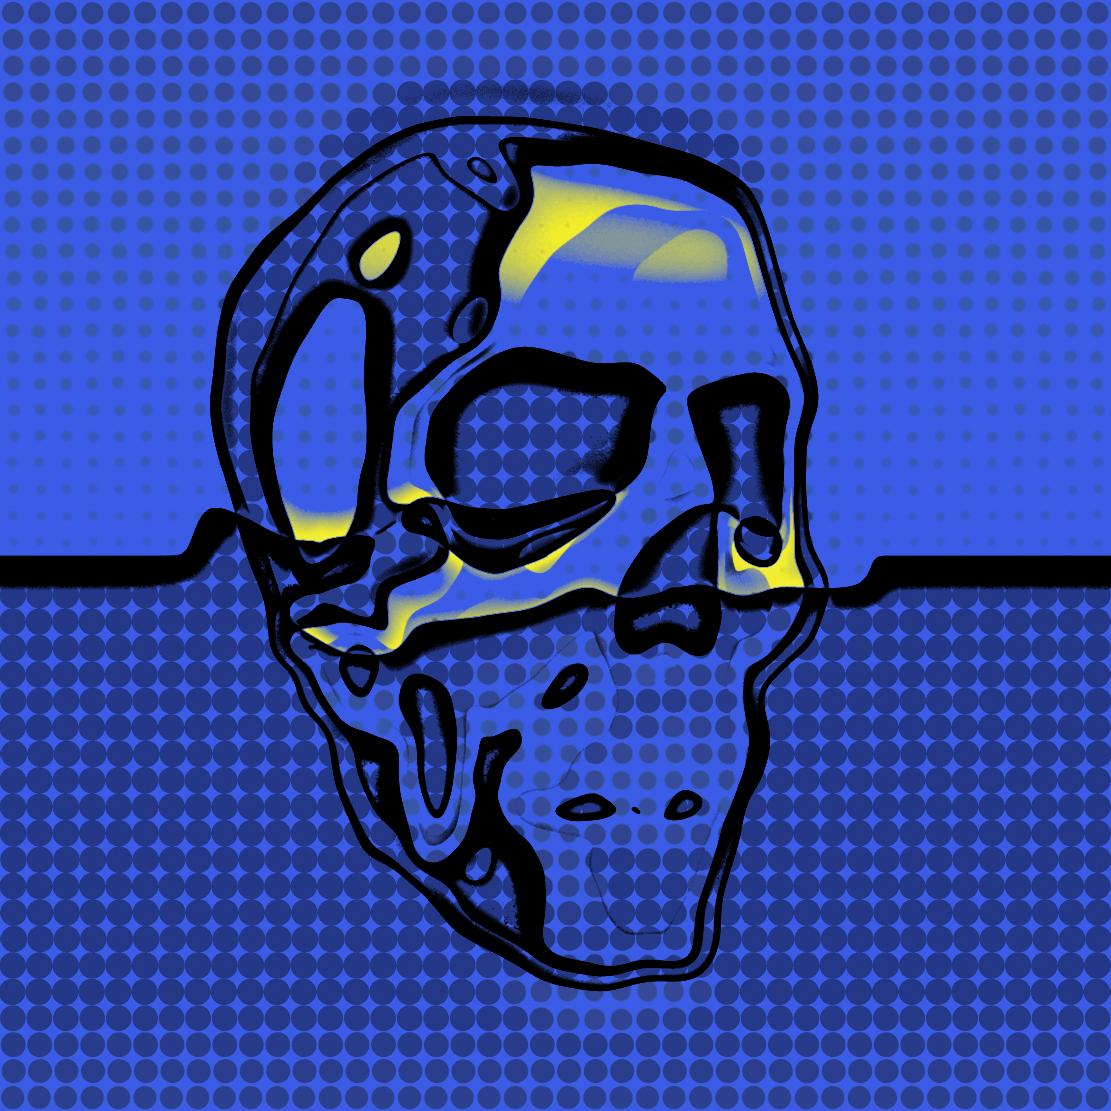 skull_cybermonk-de_popart_053_t.jpg